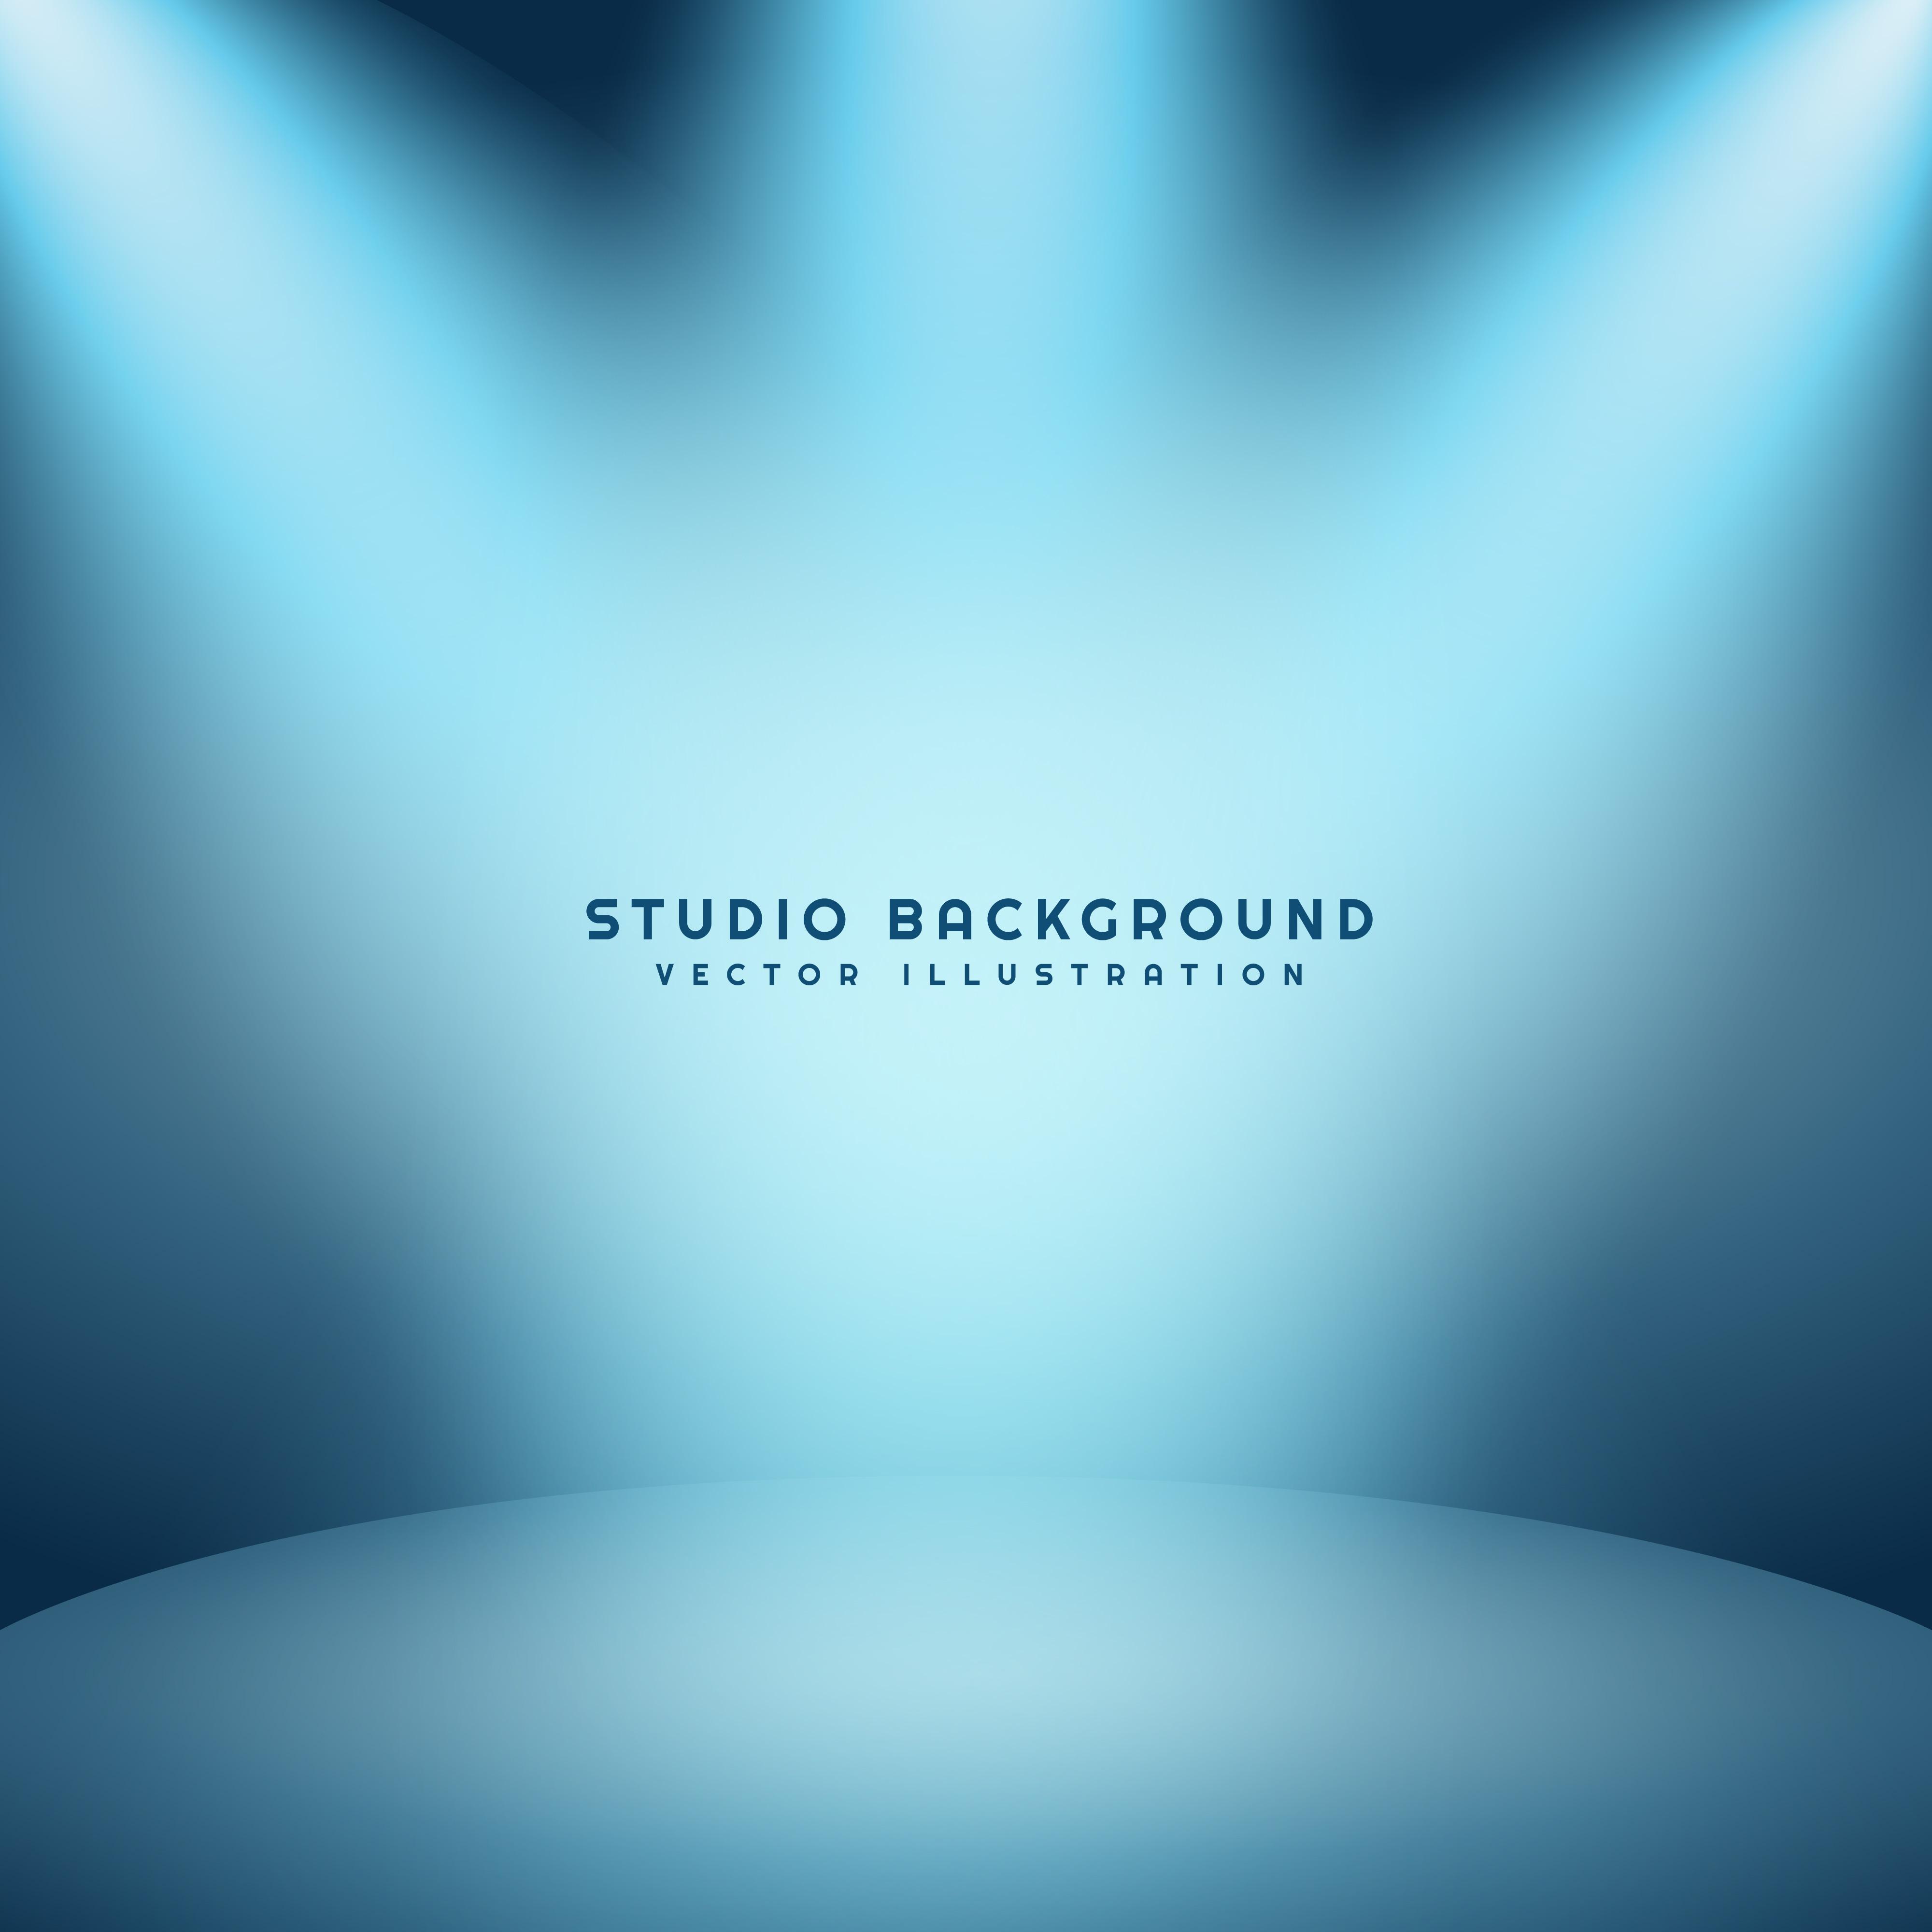 light studio background  Download Free Vector Art Stock